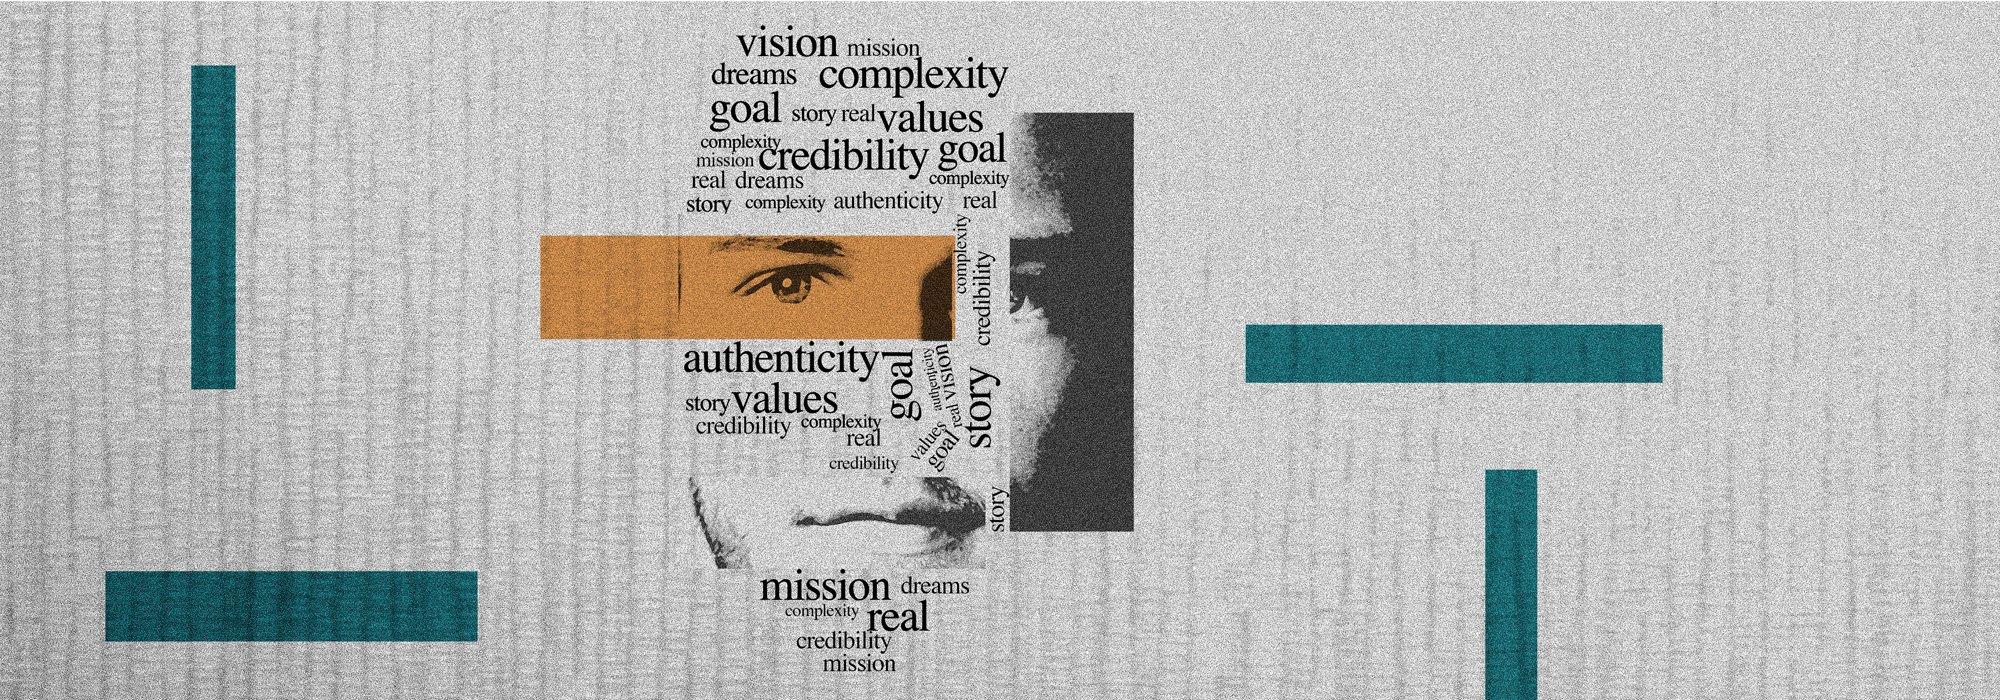 Brand Journalism e Content Marketing: trova le differenze!